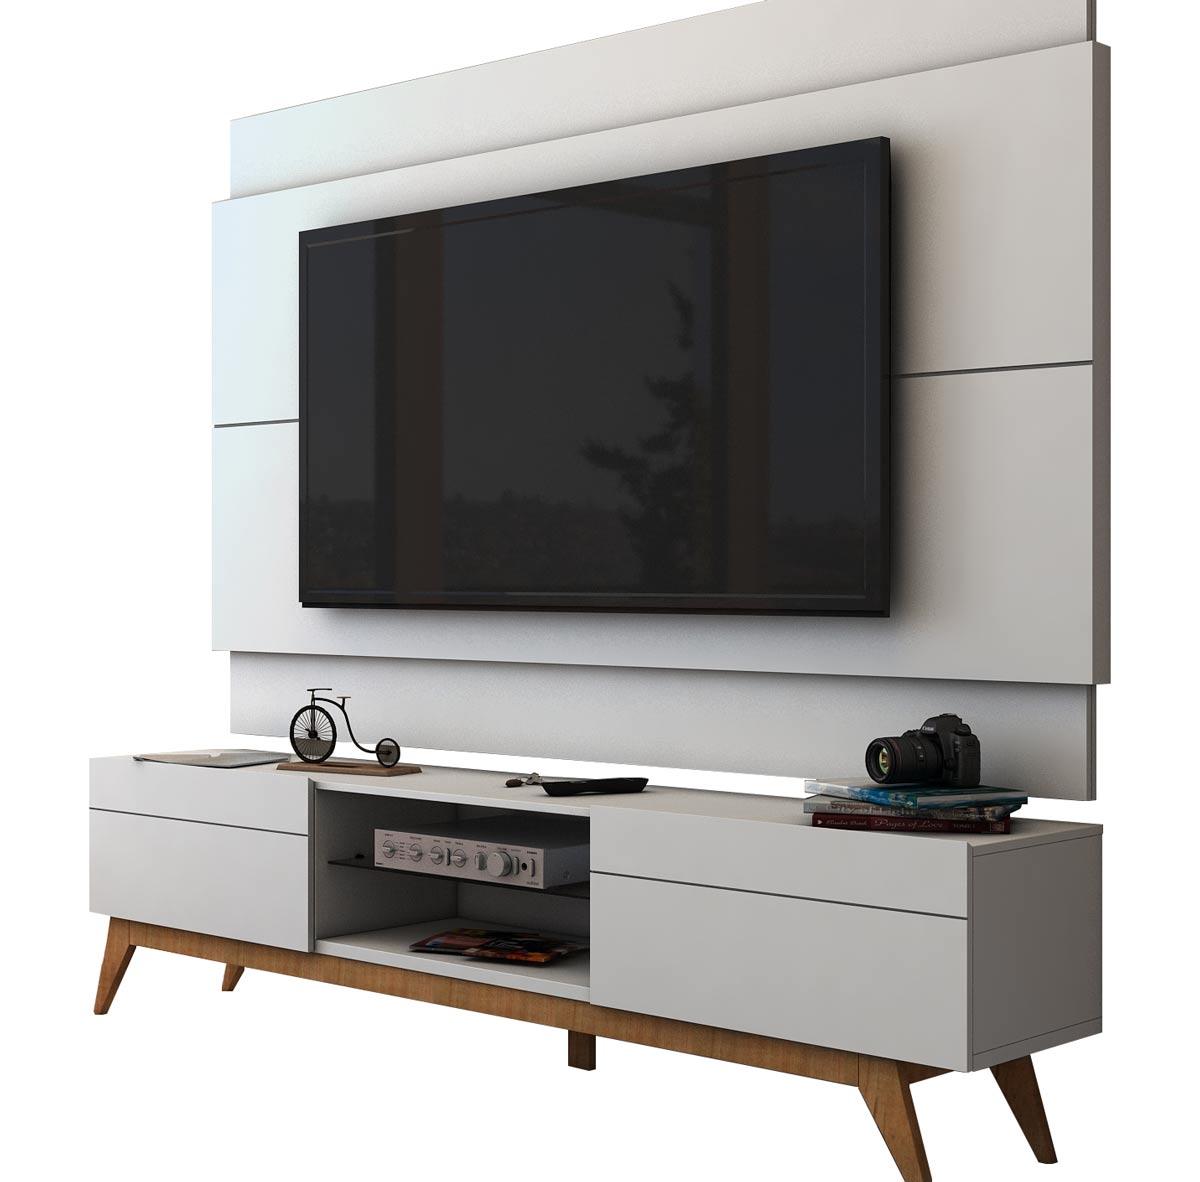 Rack Com Painel Para Tv 55 Polegadas Branco Classic 2g 1 8 Imcal Moveis